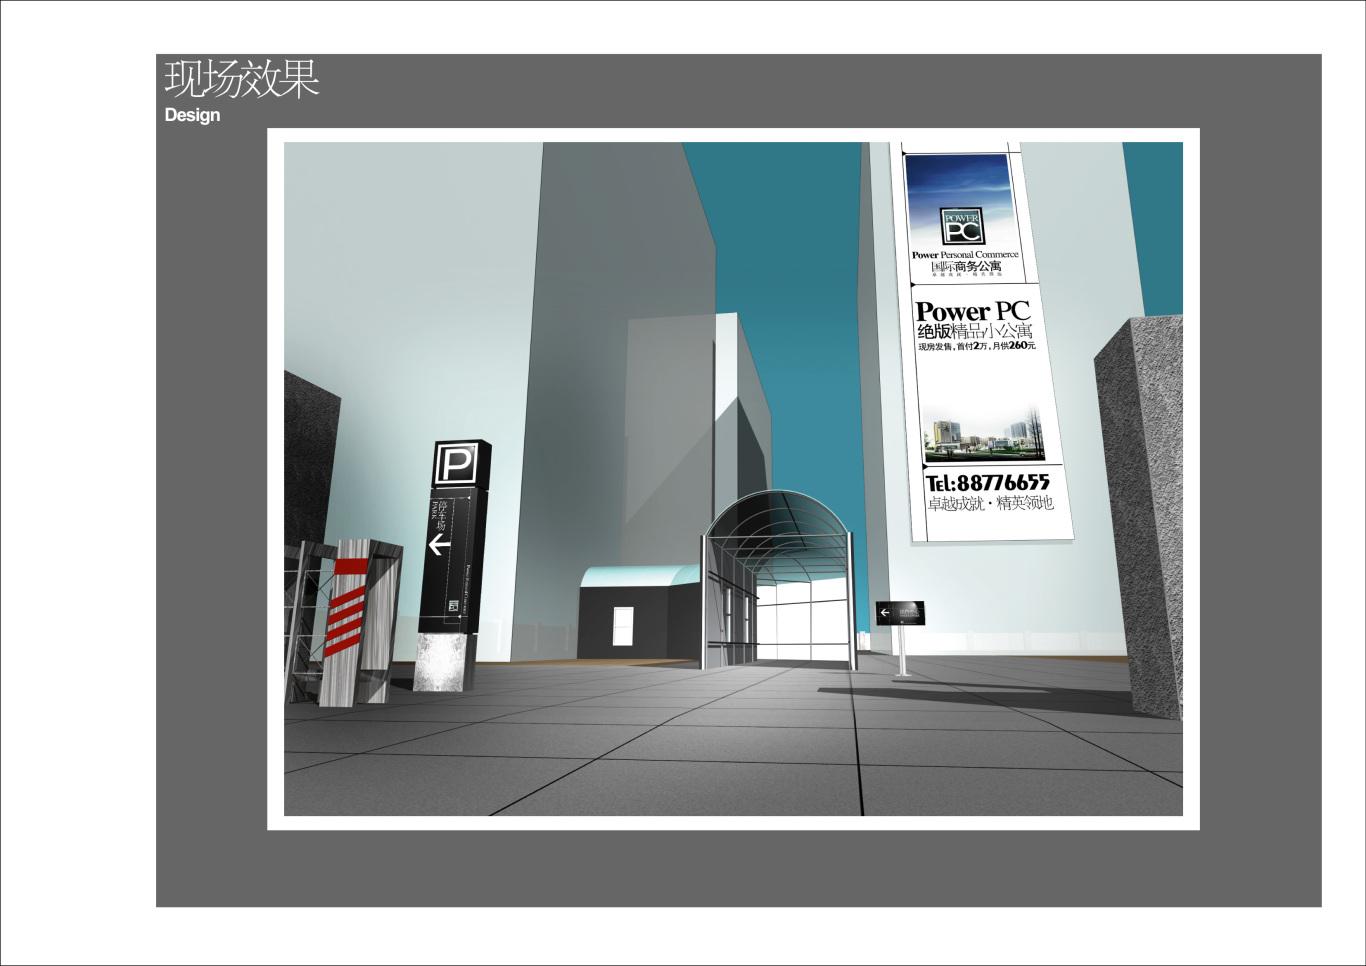 国际商务公寓的整体推广方案图6